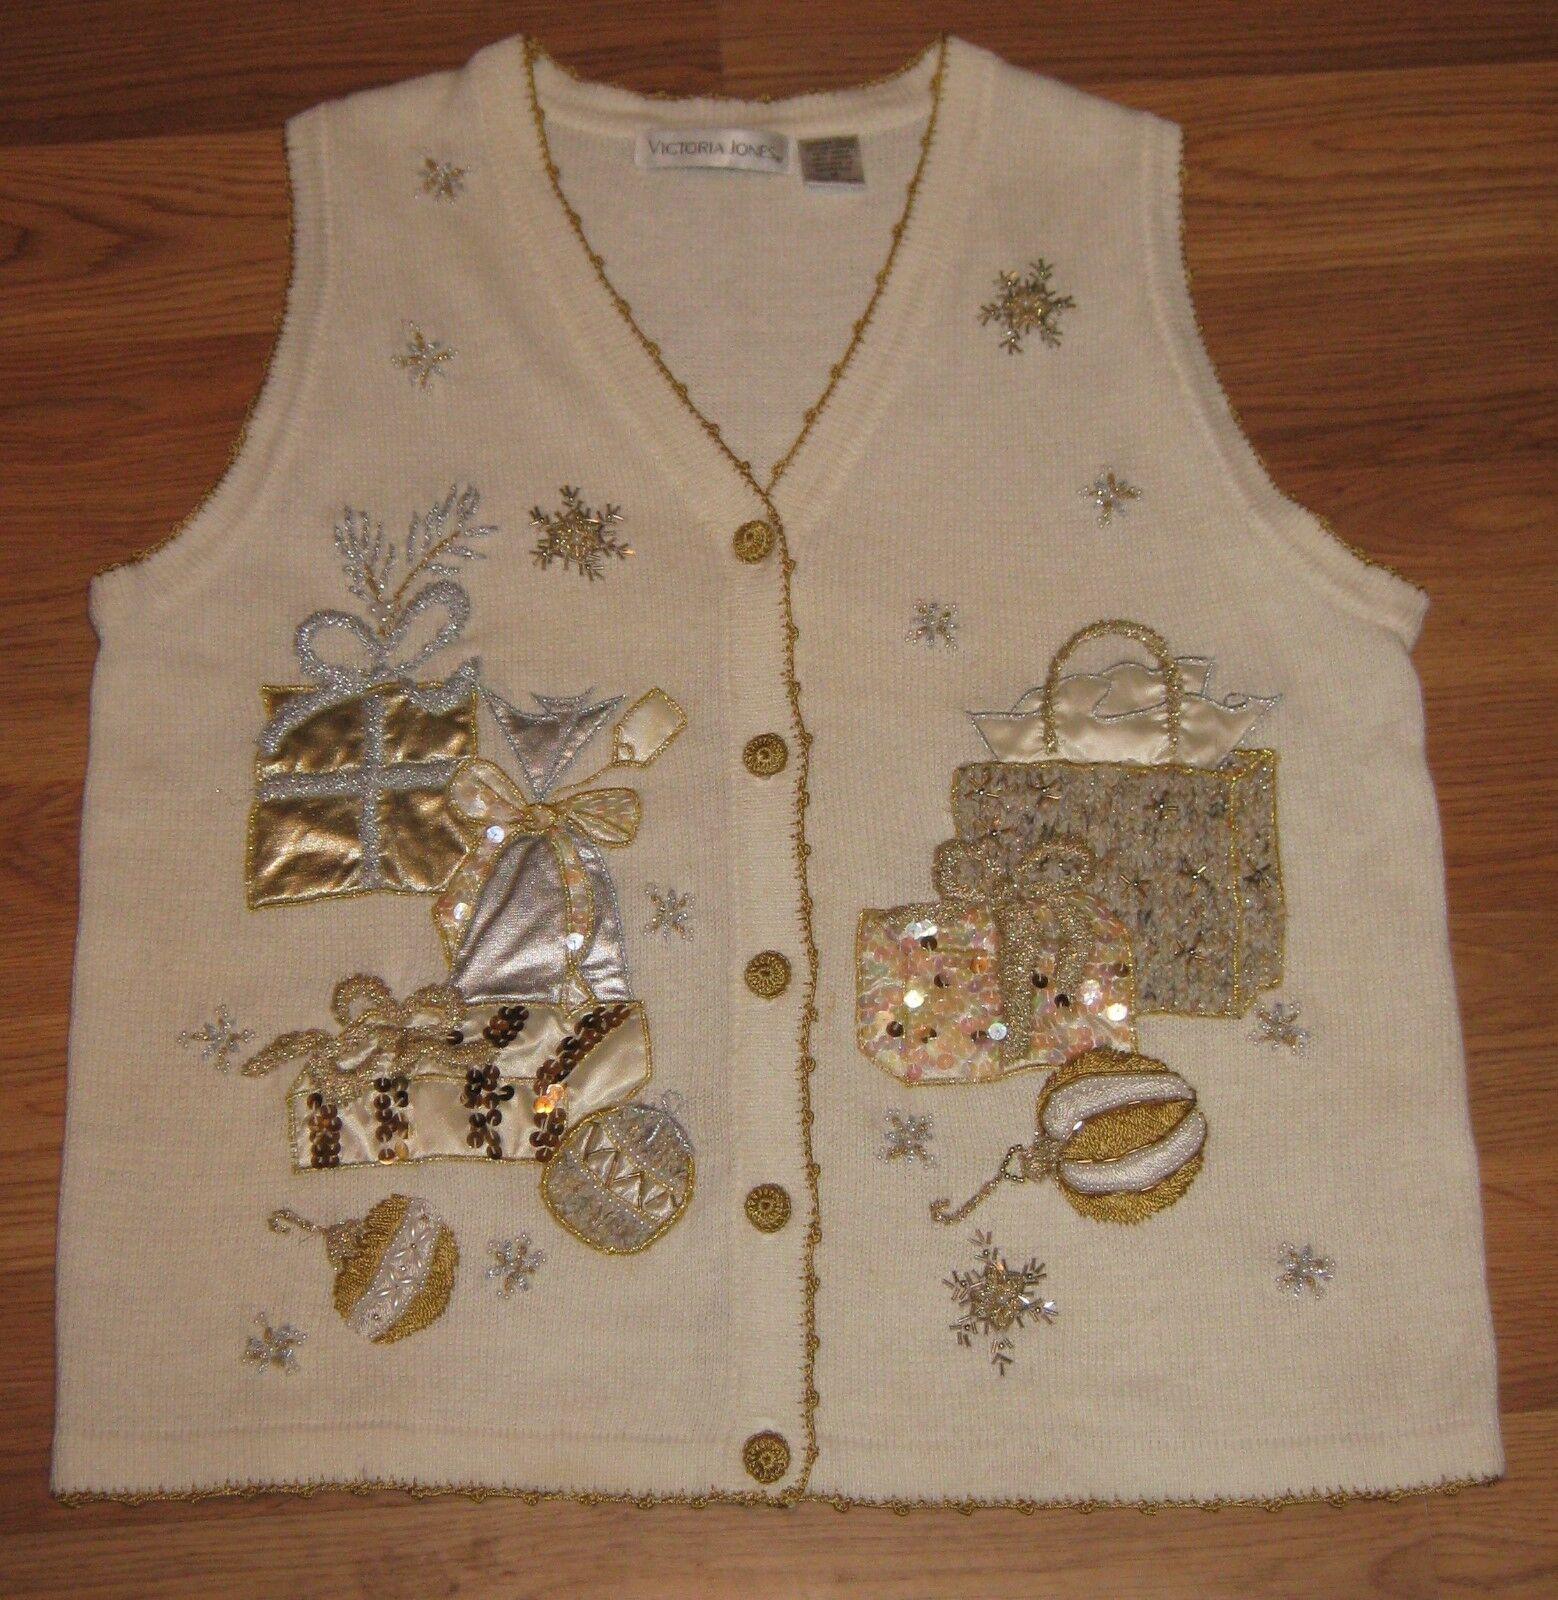 Victoria Jones Jones Jones Sweater Vest Appliqued Embroidered Christmas Holiday Sz M  CL201 517038